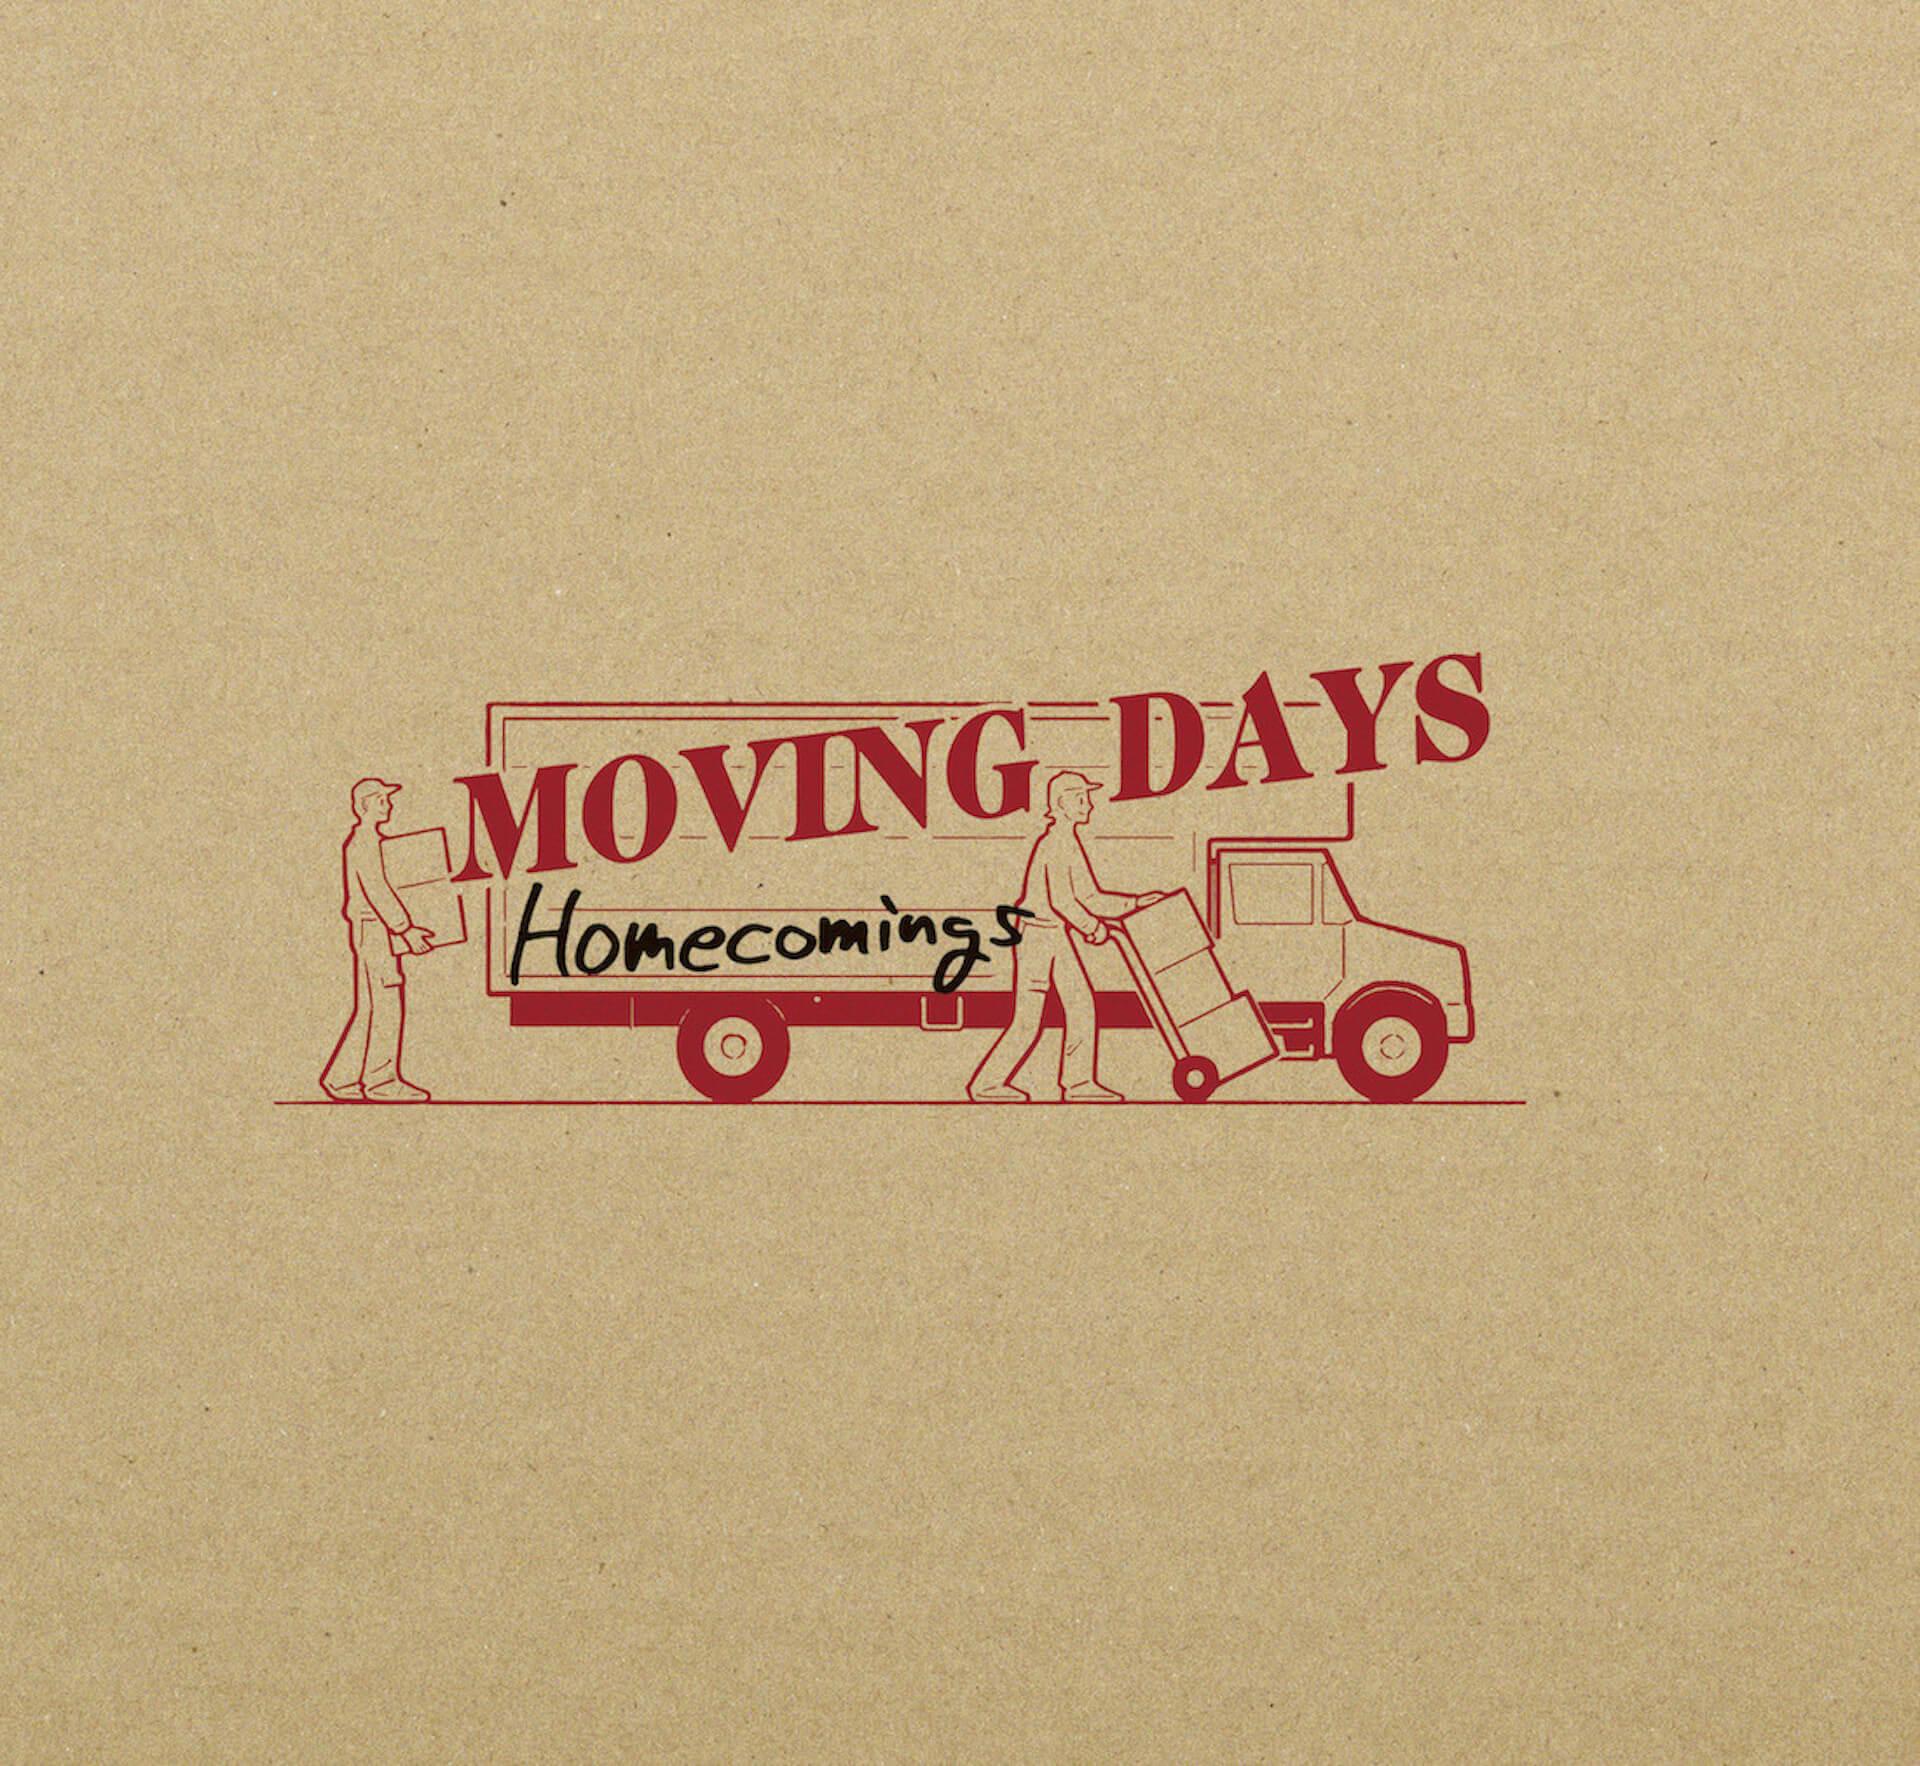 Homecomingsのメジャーデビューアルバム『Moving Days』全曲の一部を収録したクロスフェード動画が解禁! music210511_homecomings_3